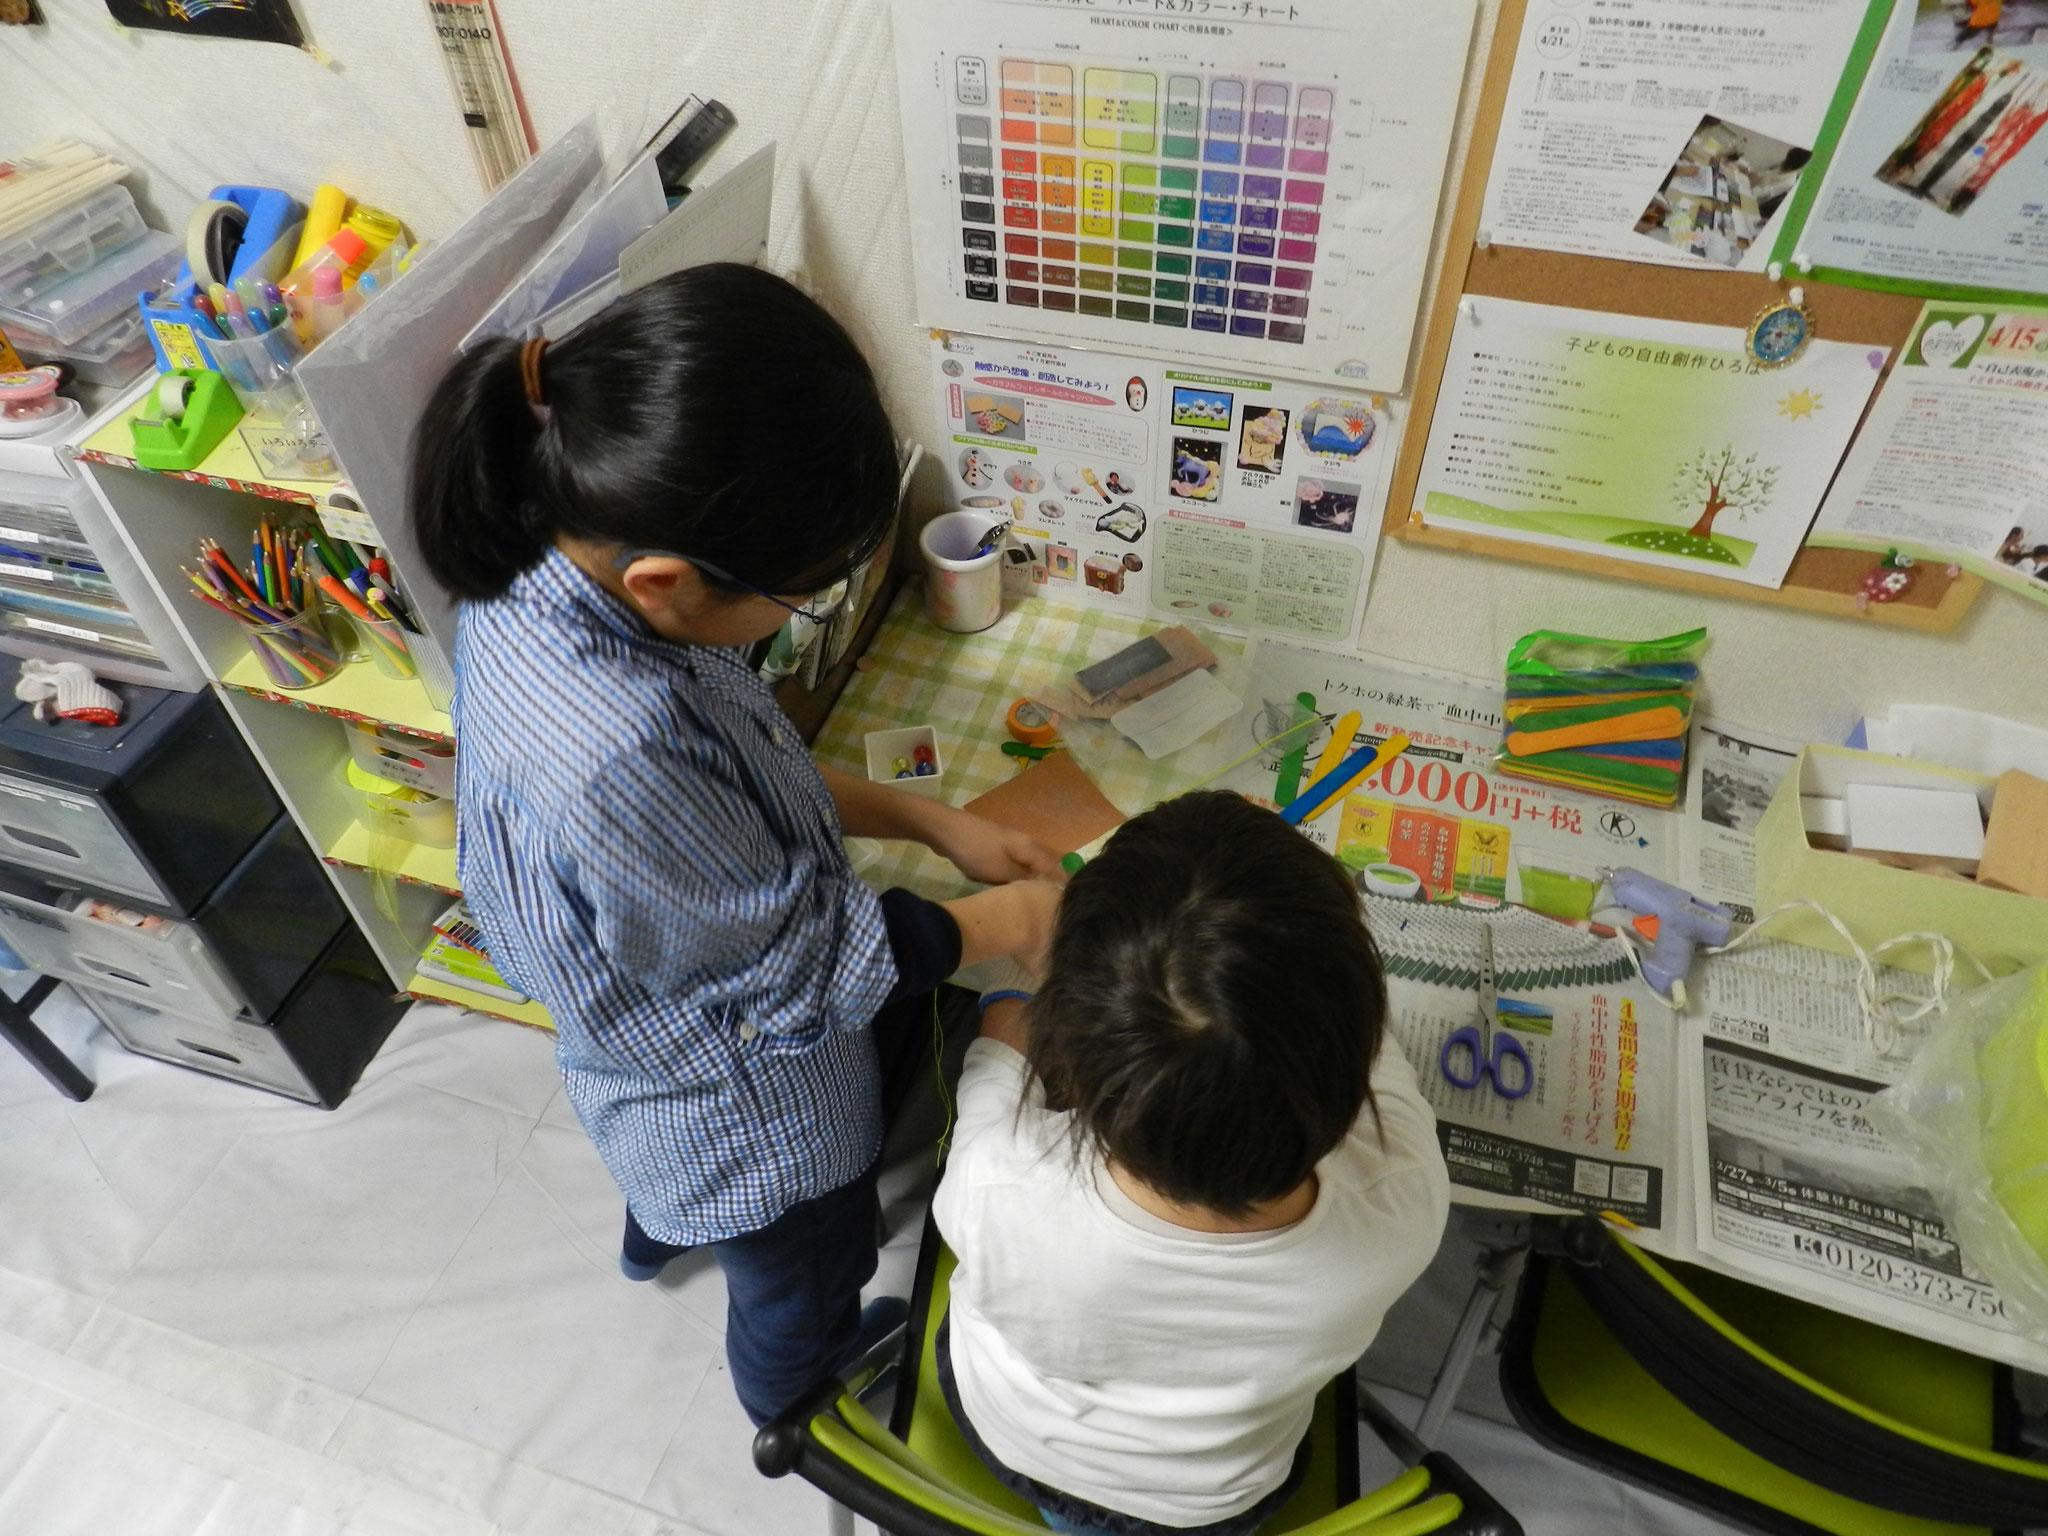 上級生のお姉ちゃんに飛行機の作り方を教えてもらっている様子(小学4年・小学1年)